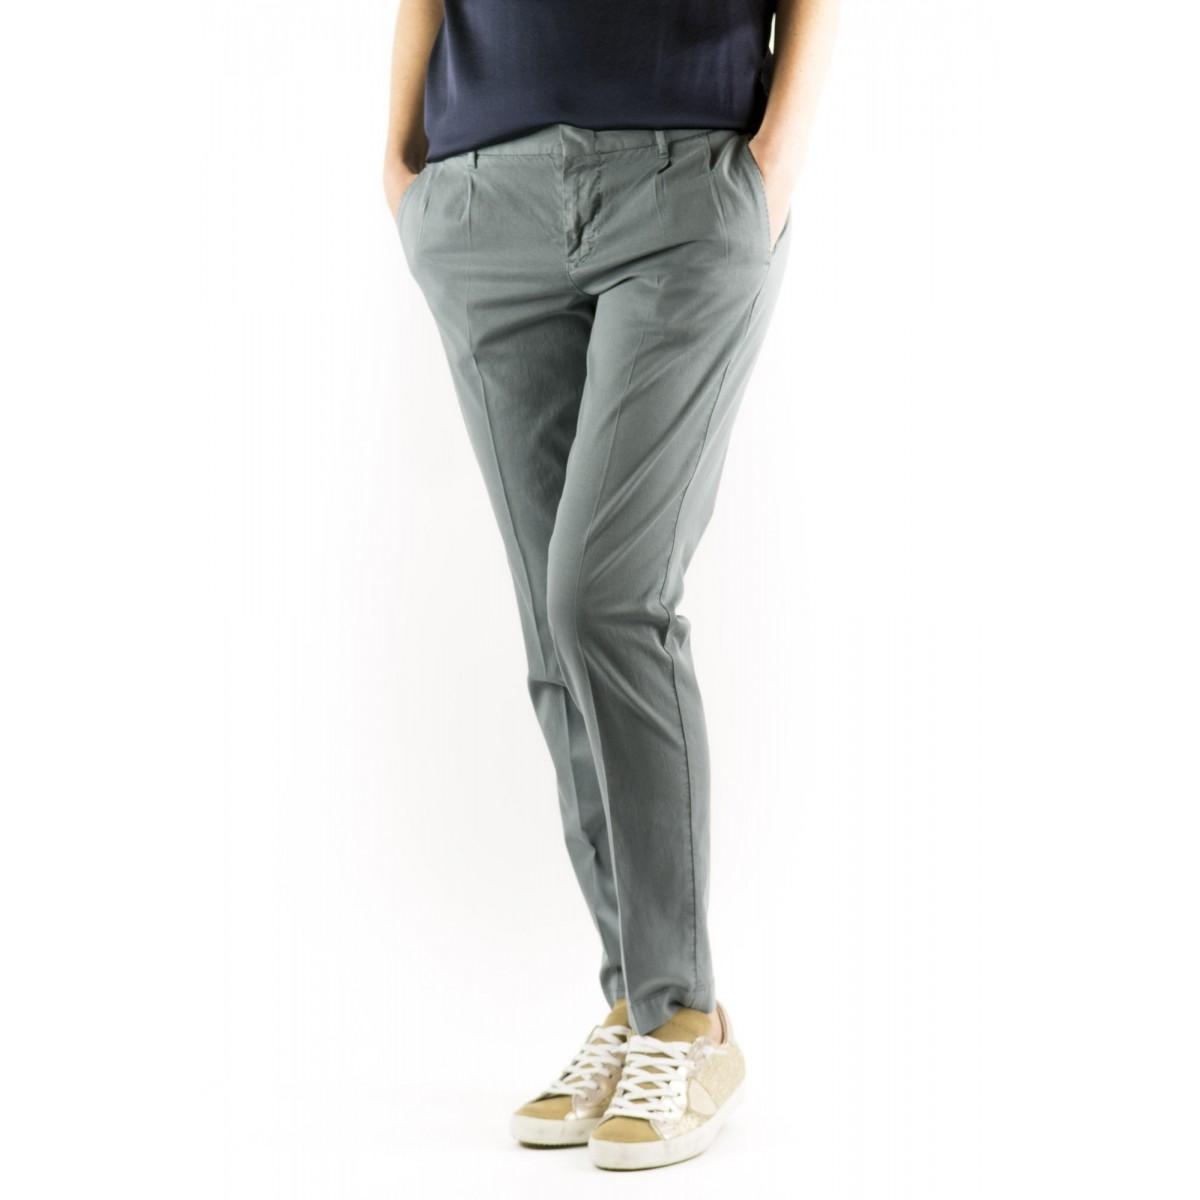 Trousers PT0W Woman - Vtc2 Eb65 Cotone Strech 0040 - beige